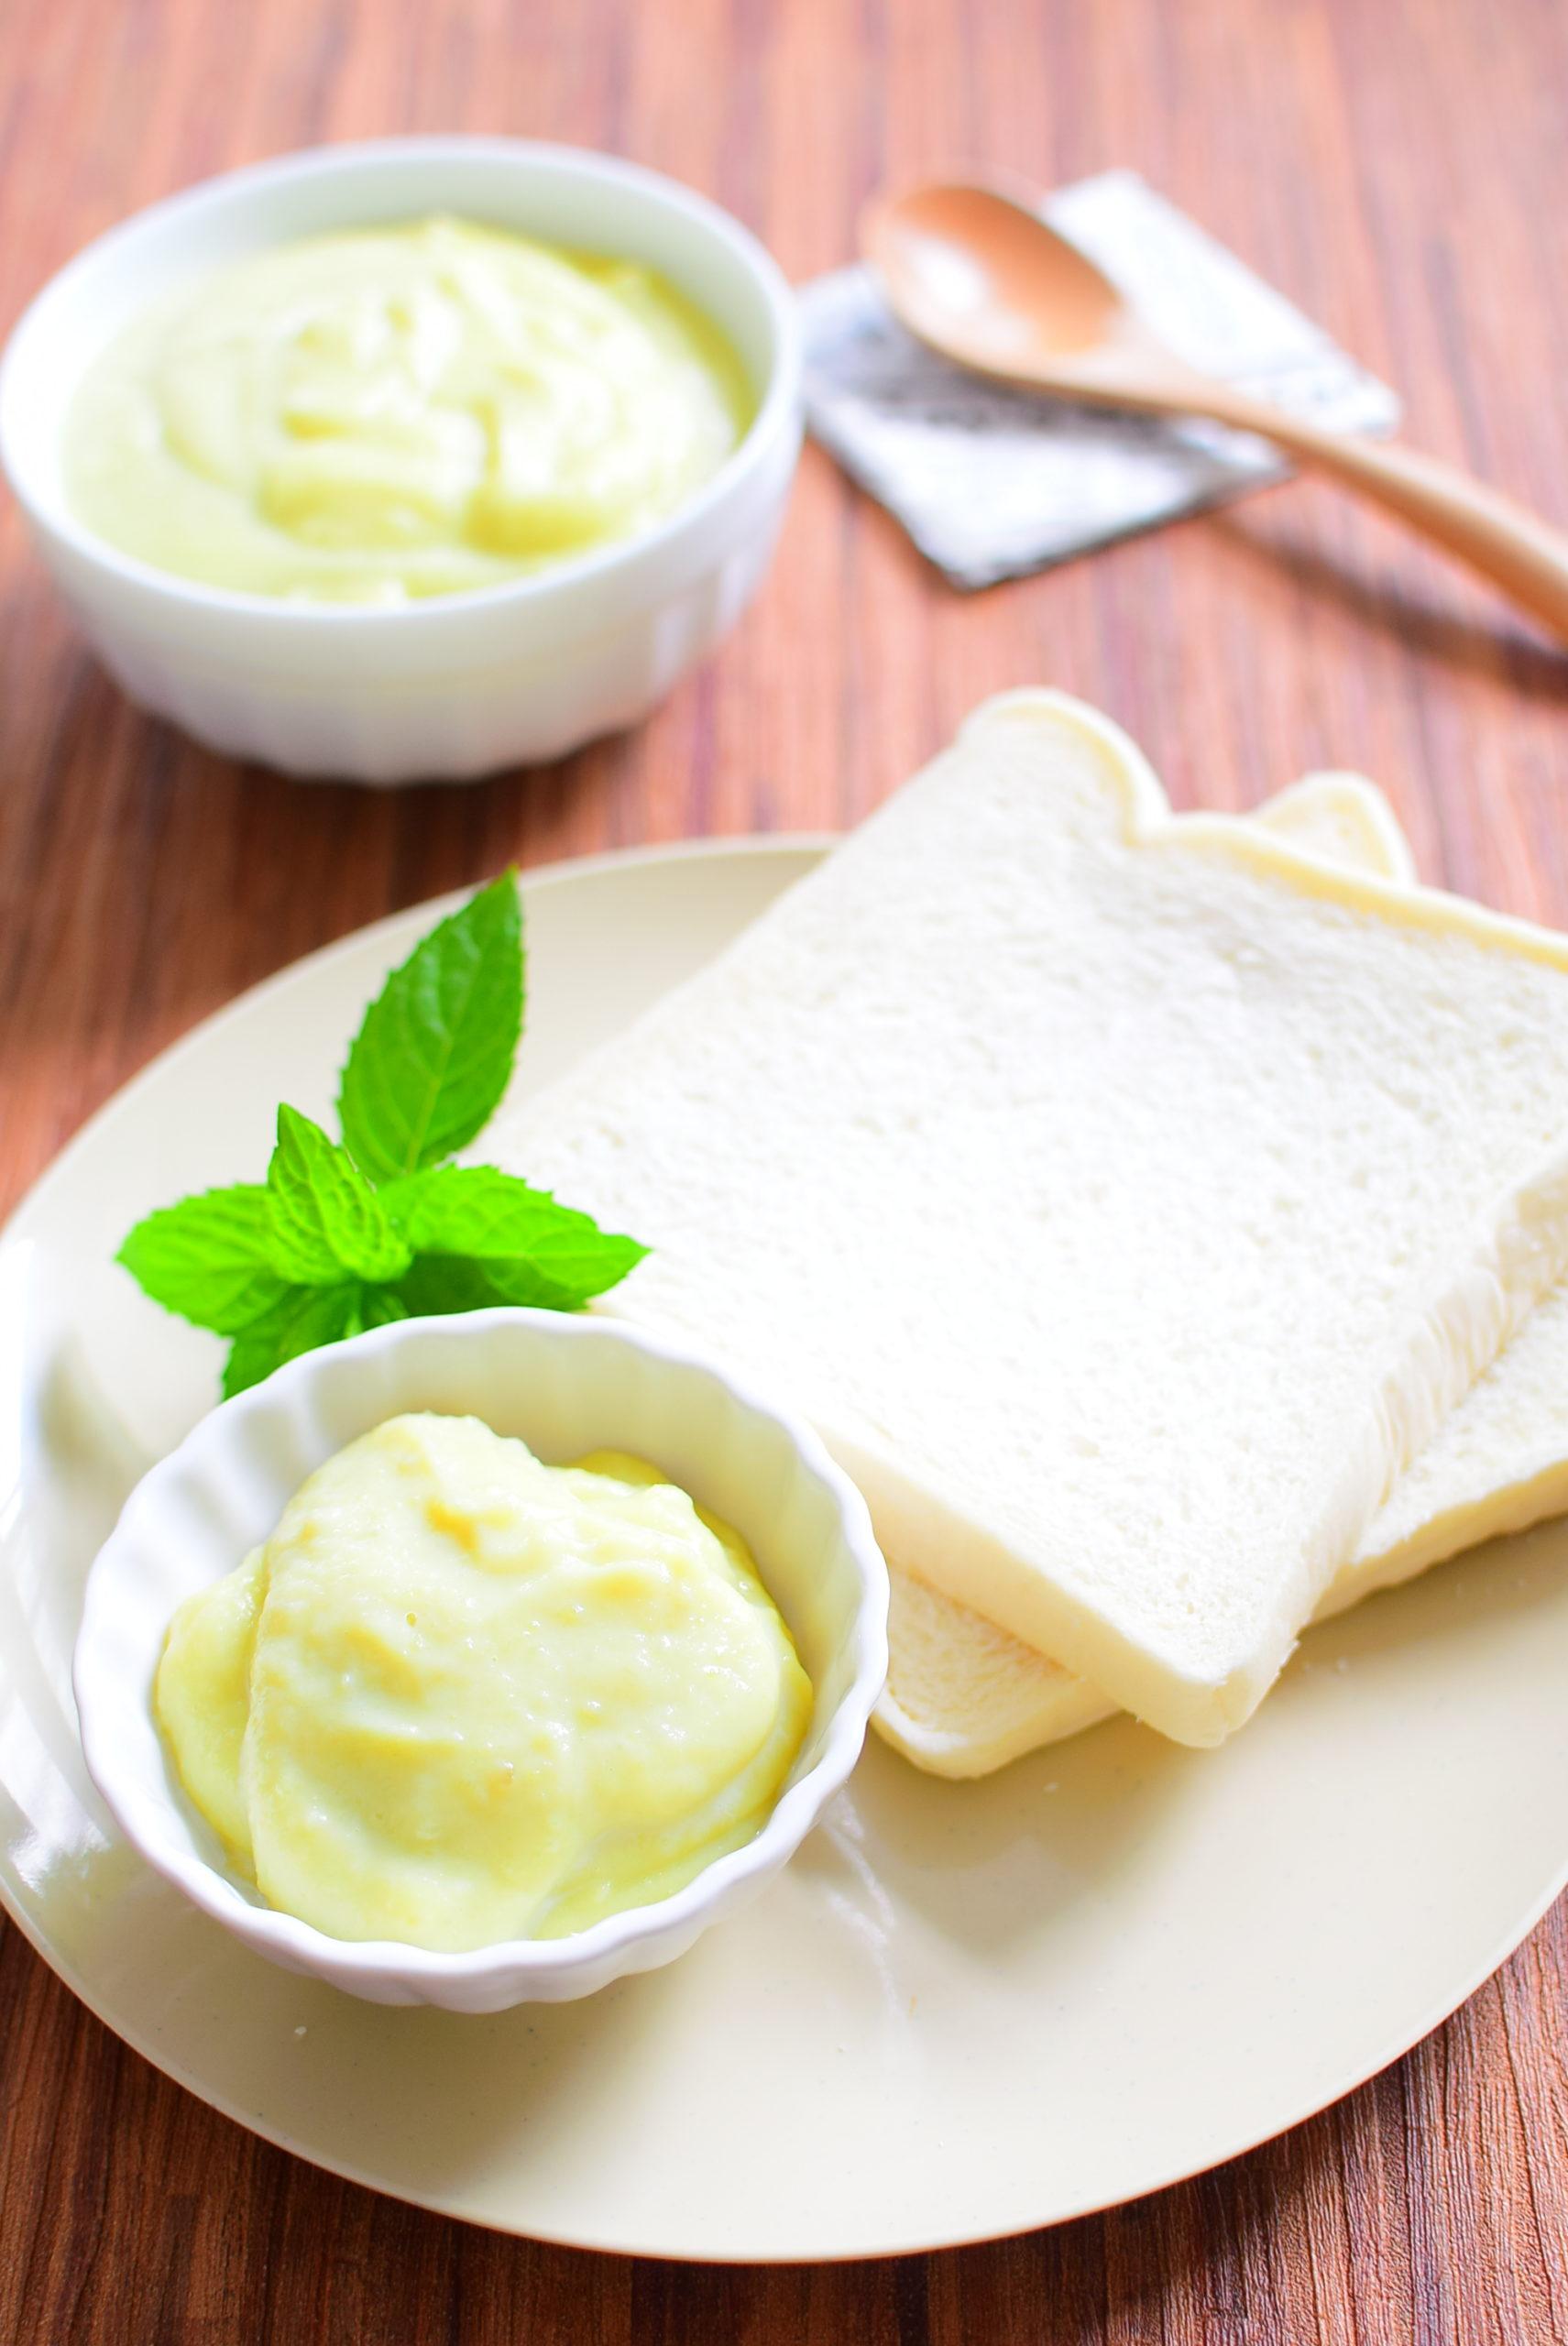 食パンやアイスに!練乳さつまいもクリームのレシピの写真